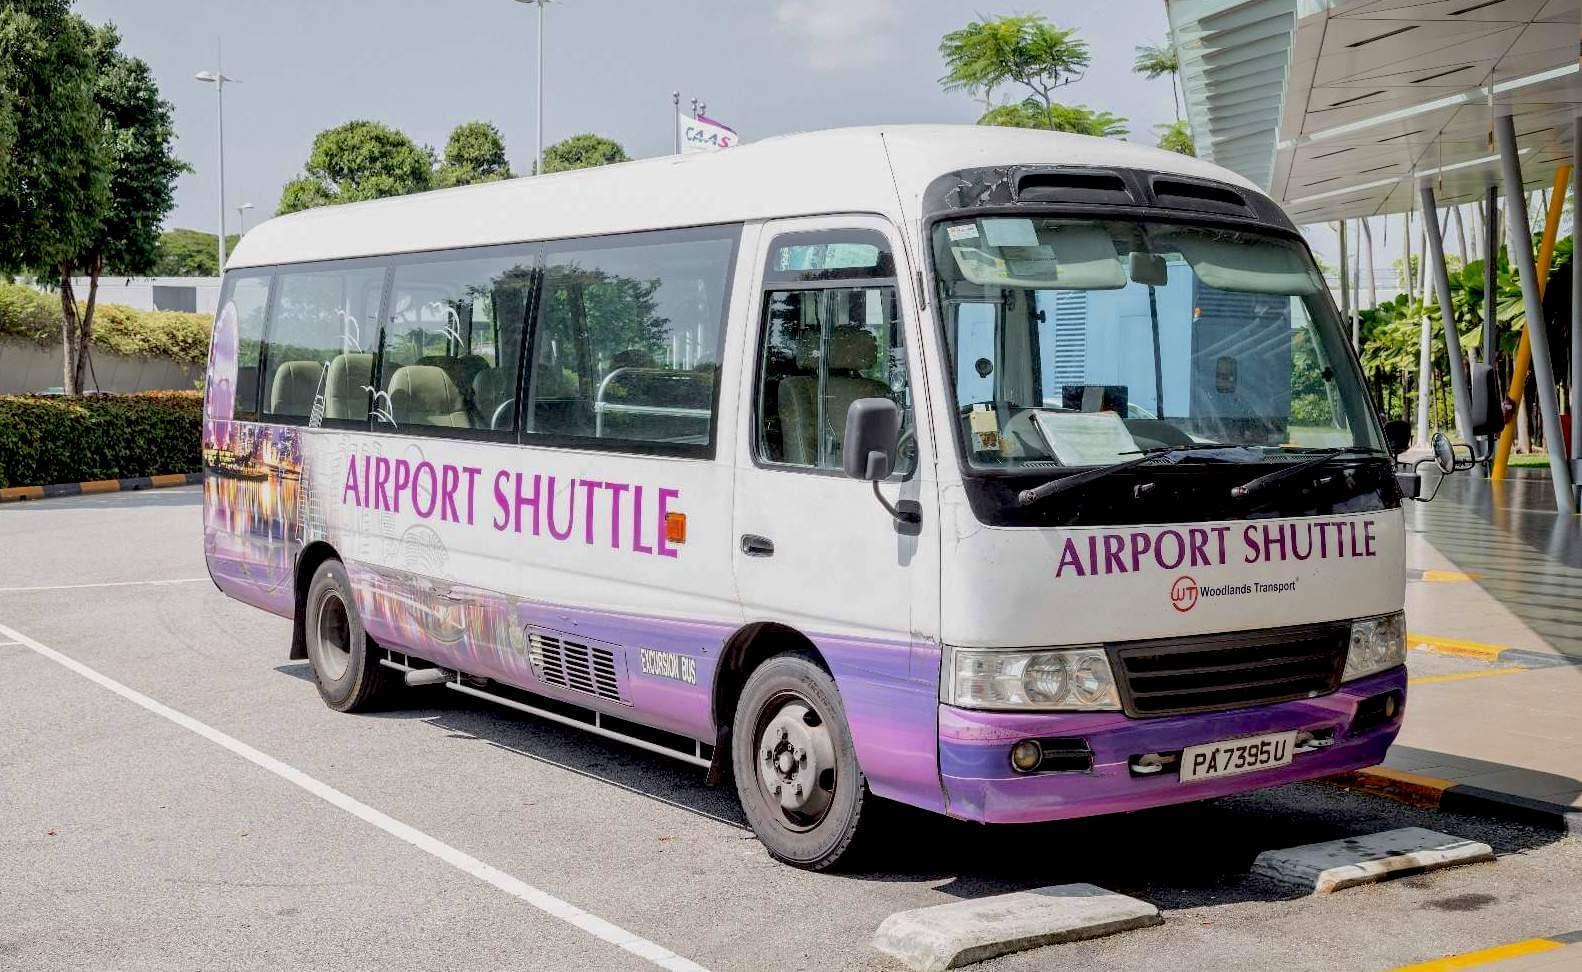 Singapur Airport Shuttle Bus